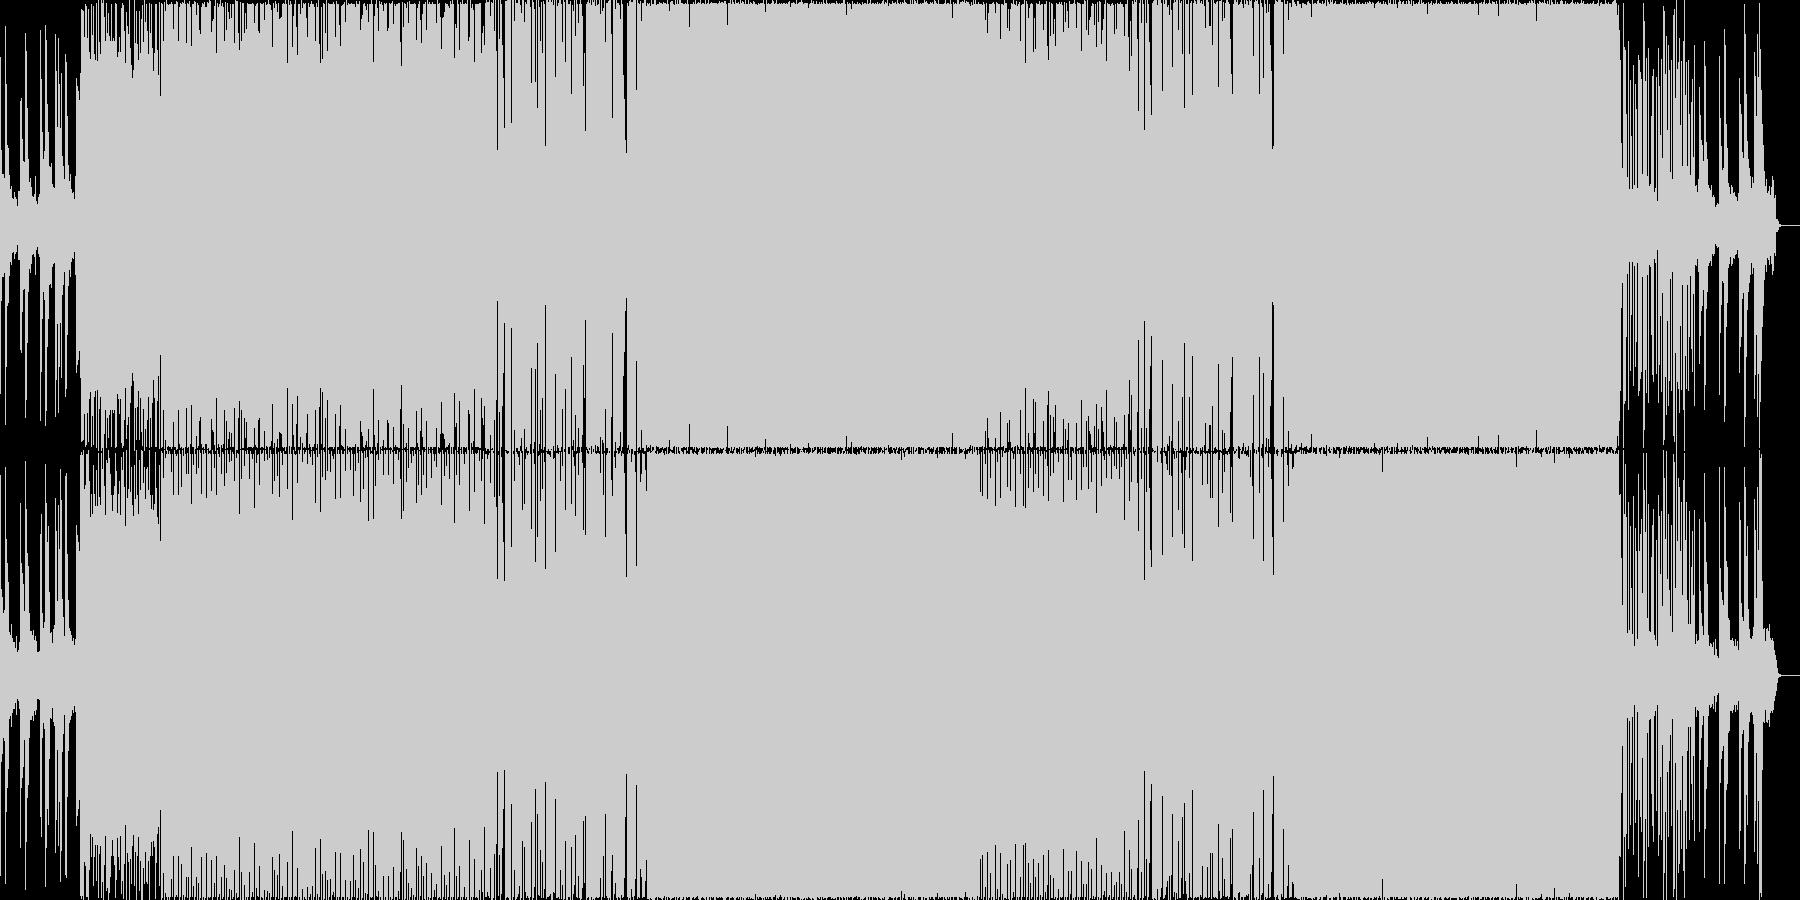 【ほのぼの系】ピアノポップス【映像】の未再生の波形